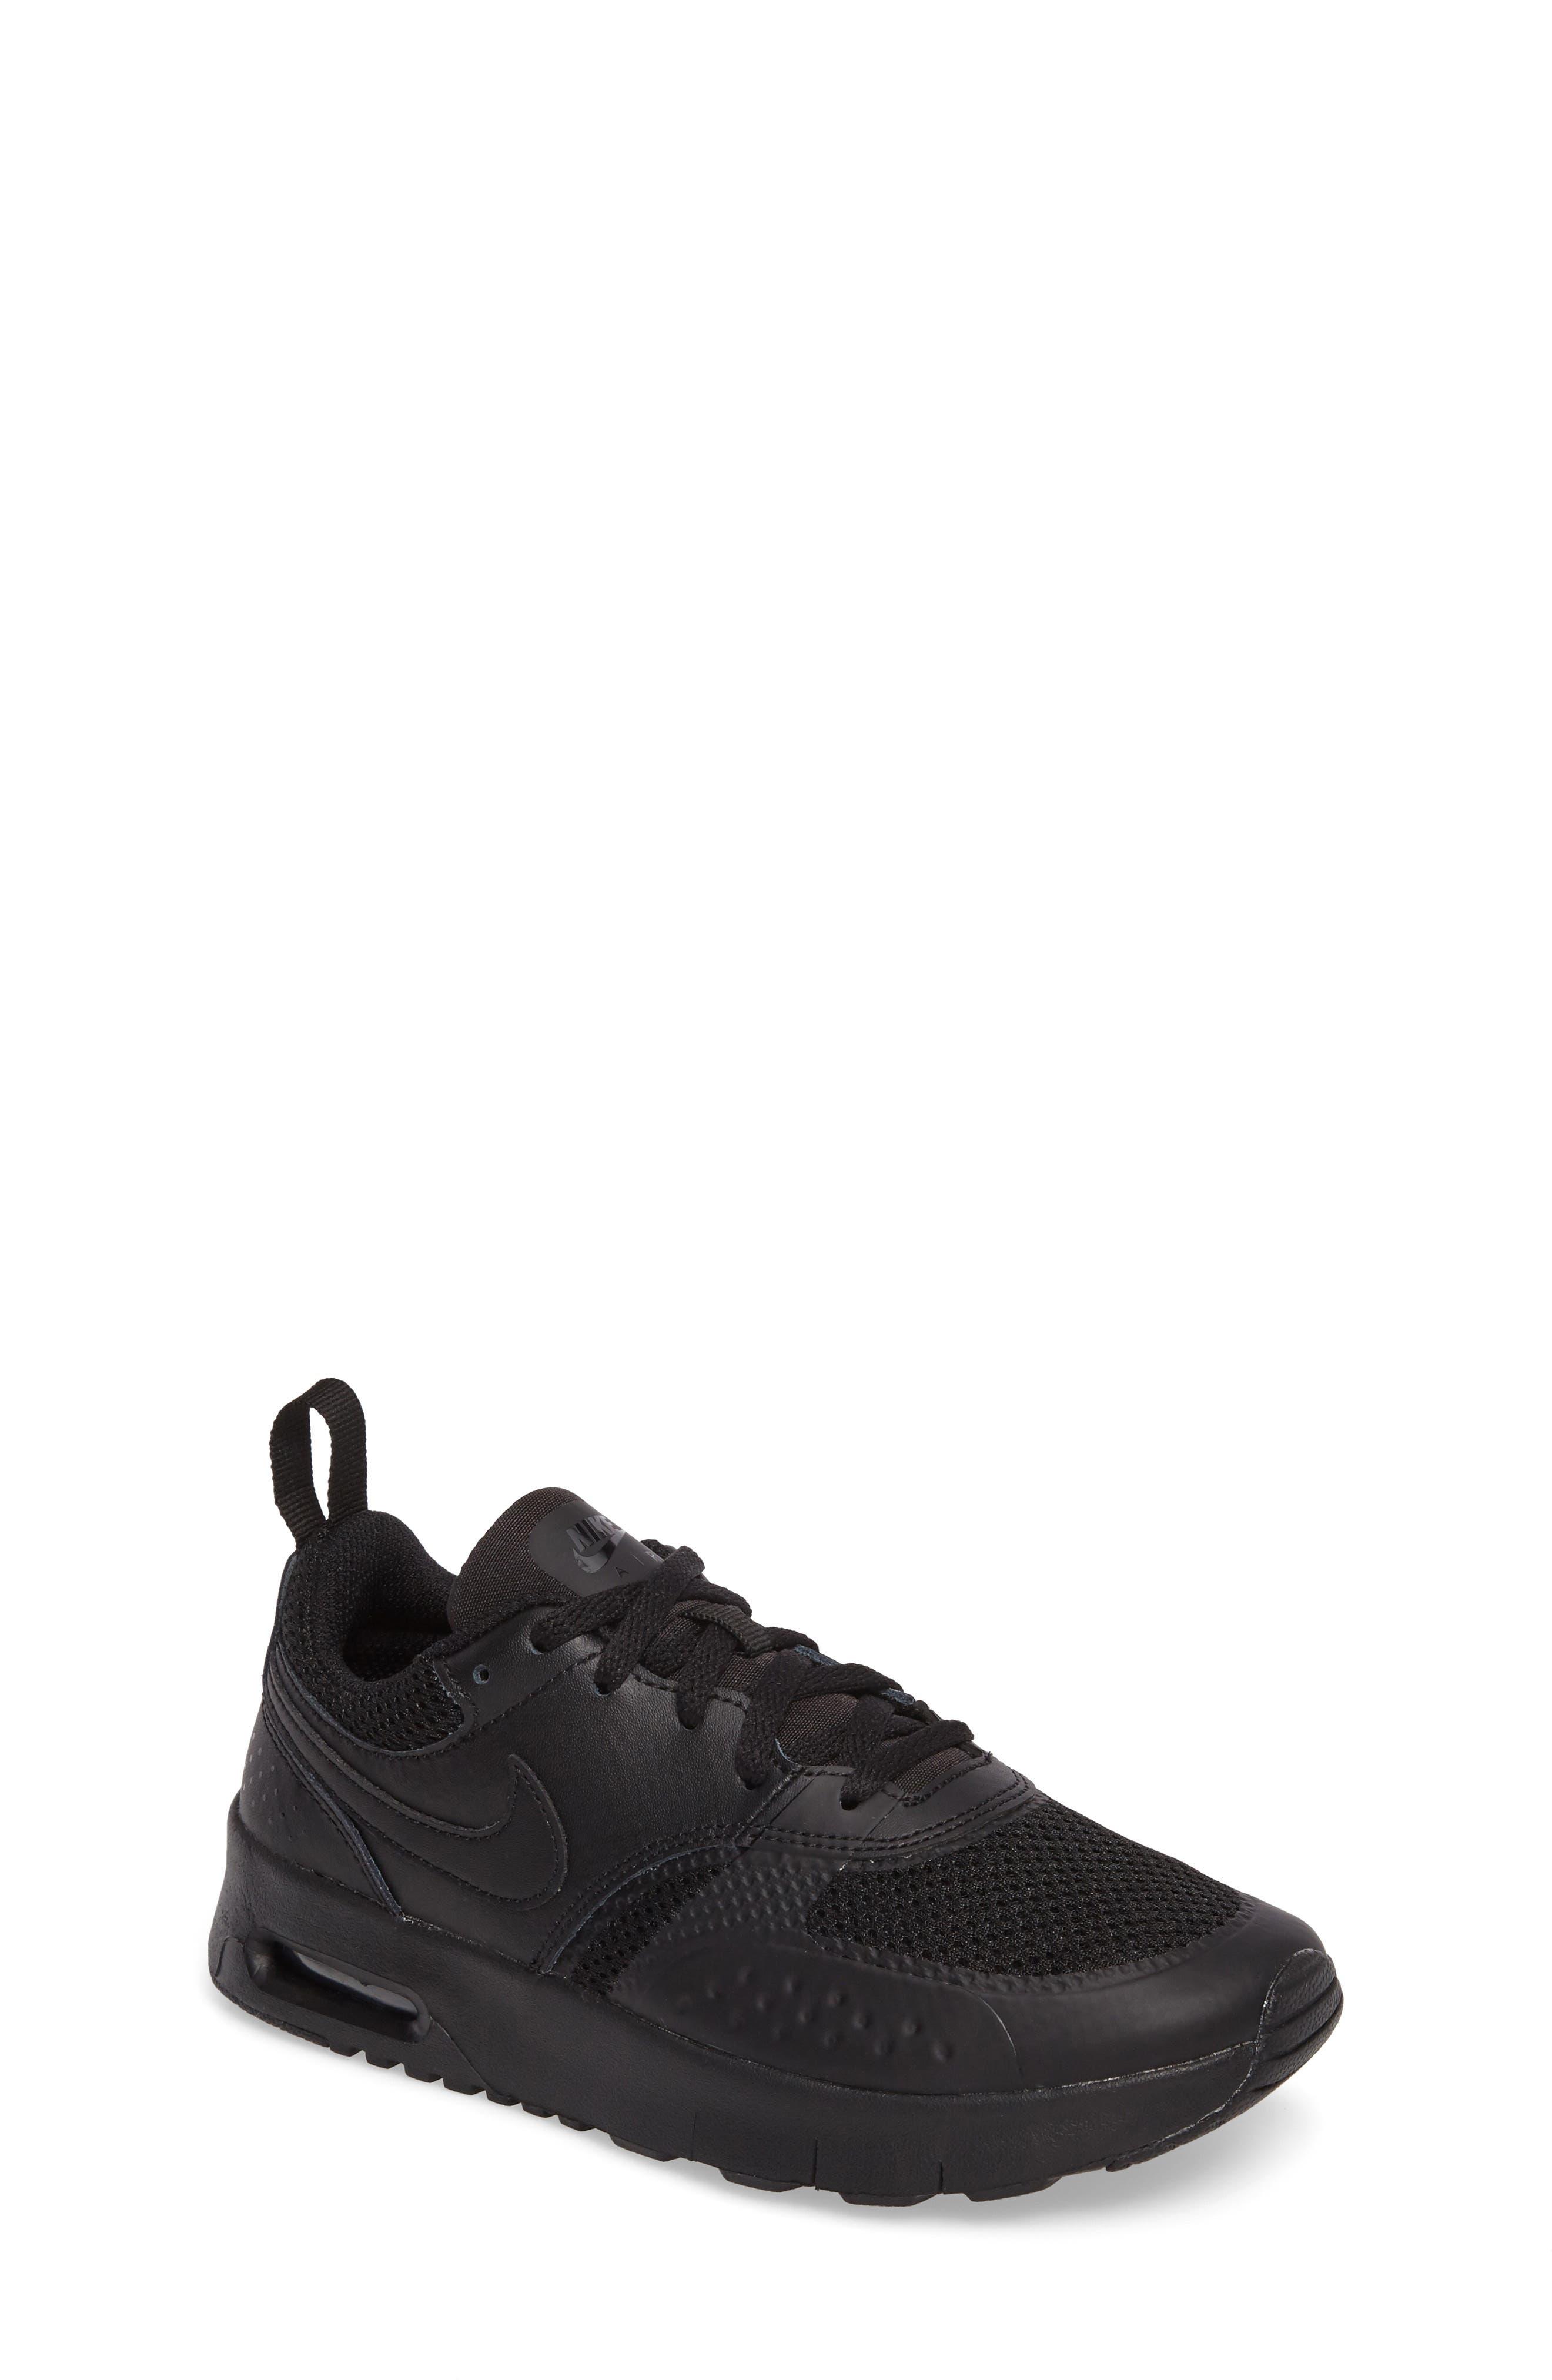 Air Max Vision Sneaker,                             Main thumbnail 1, color,